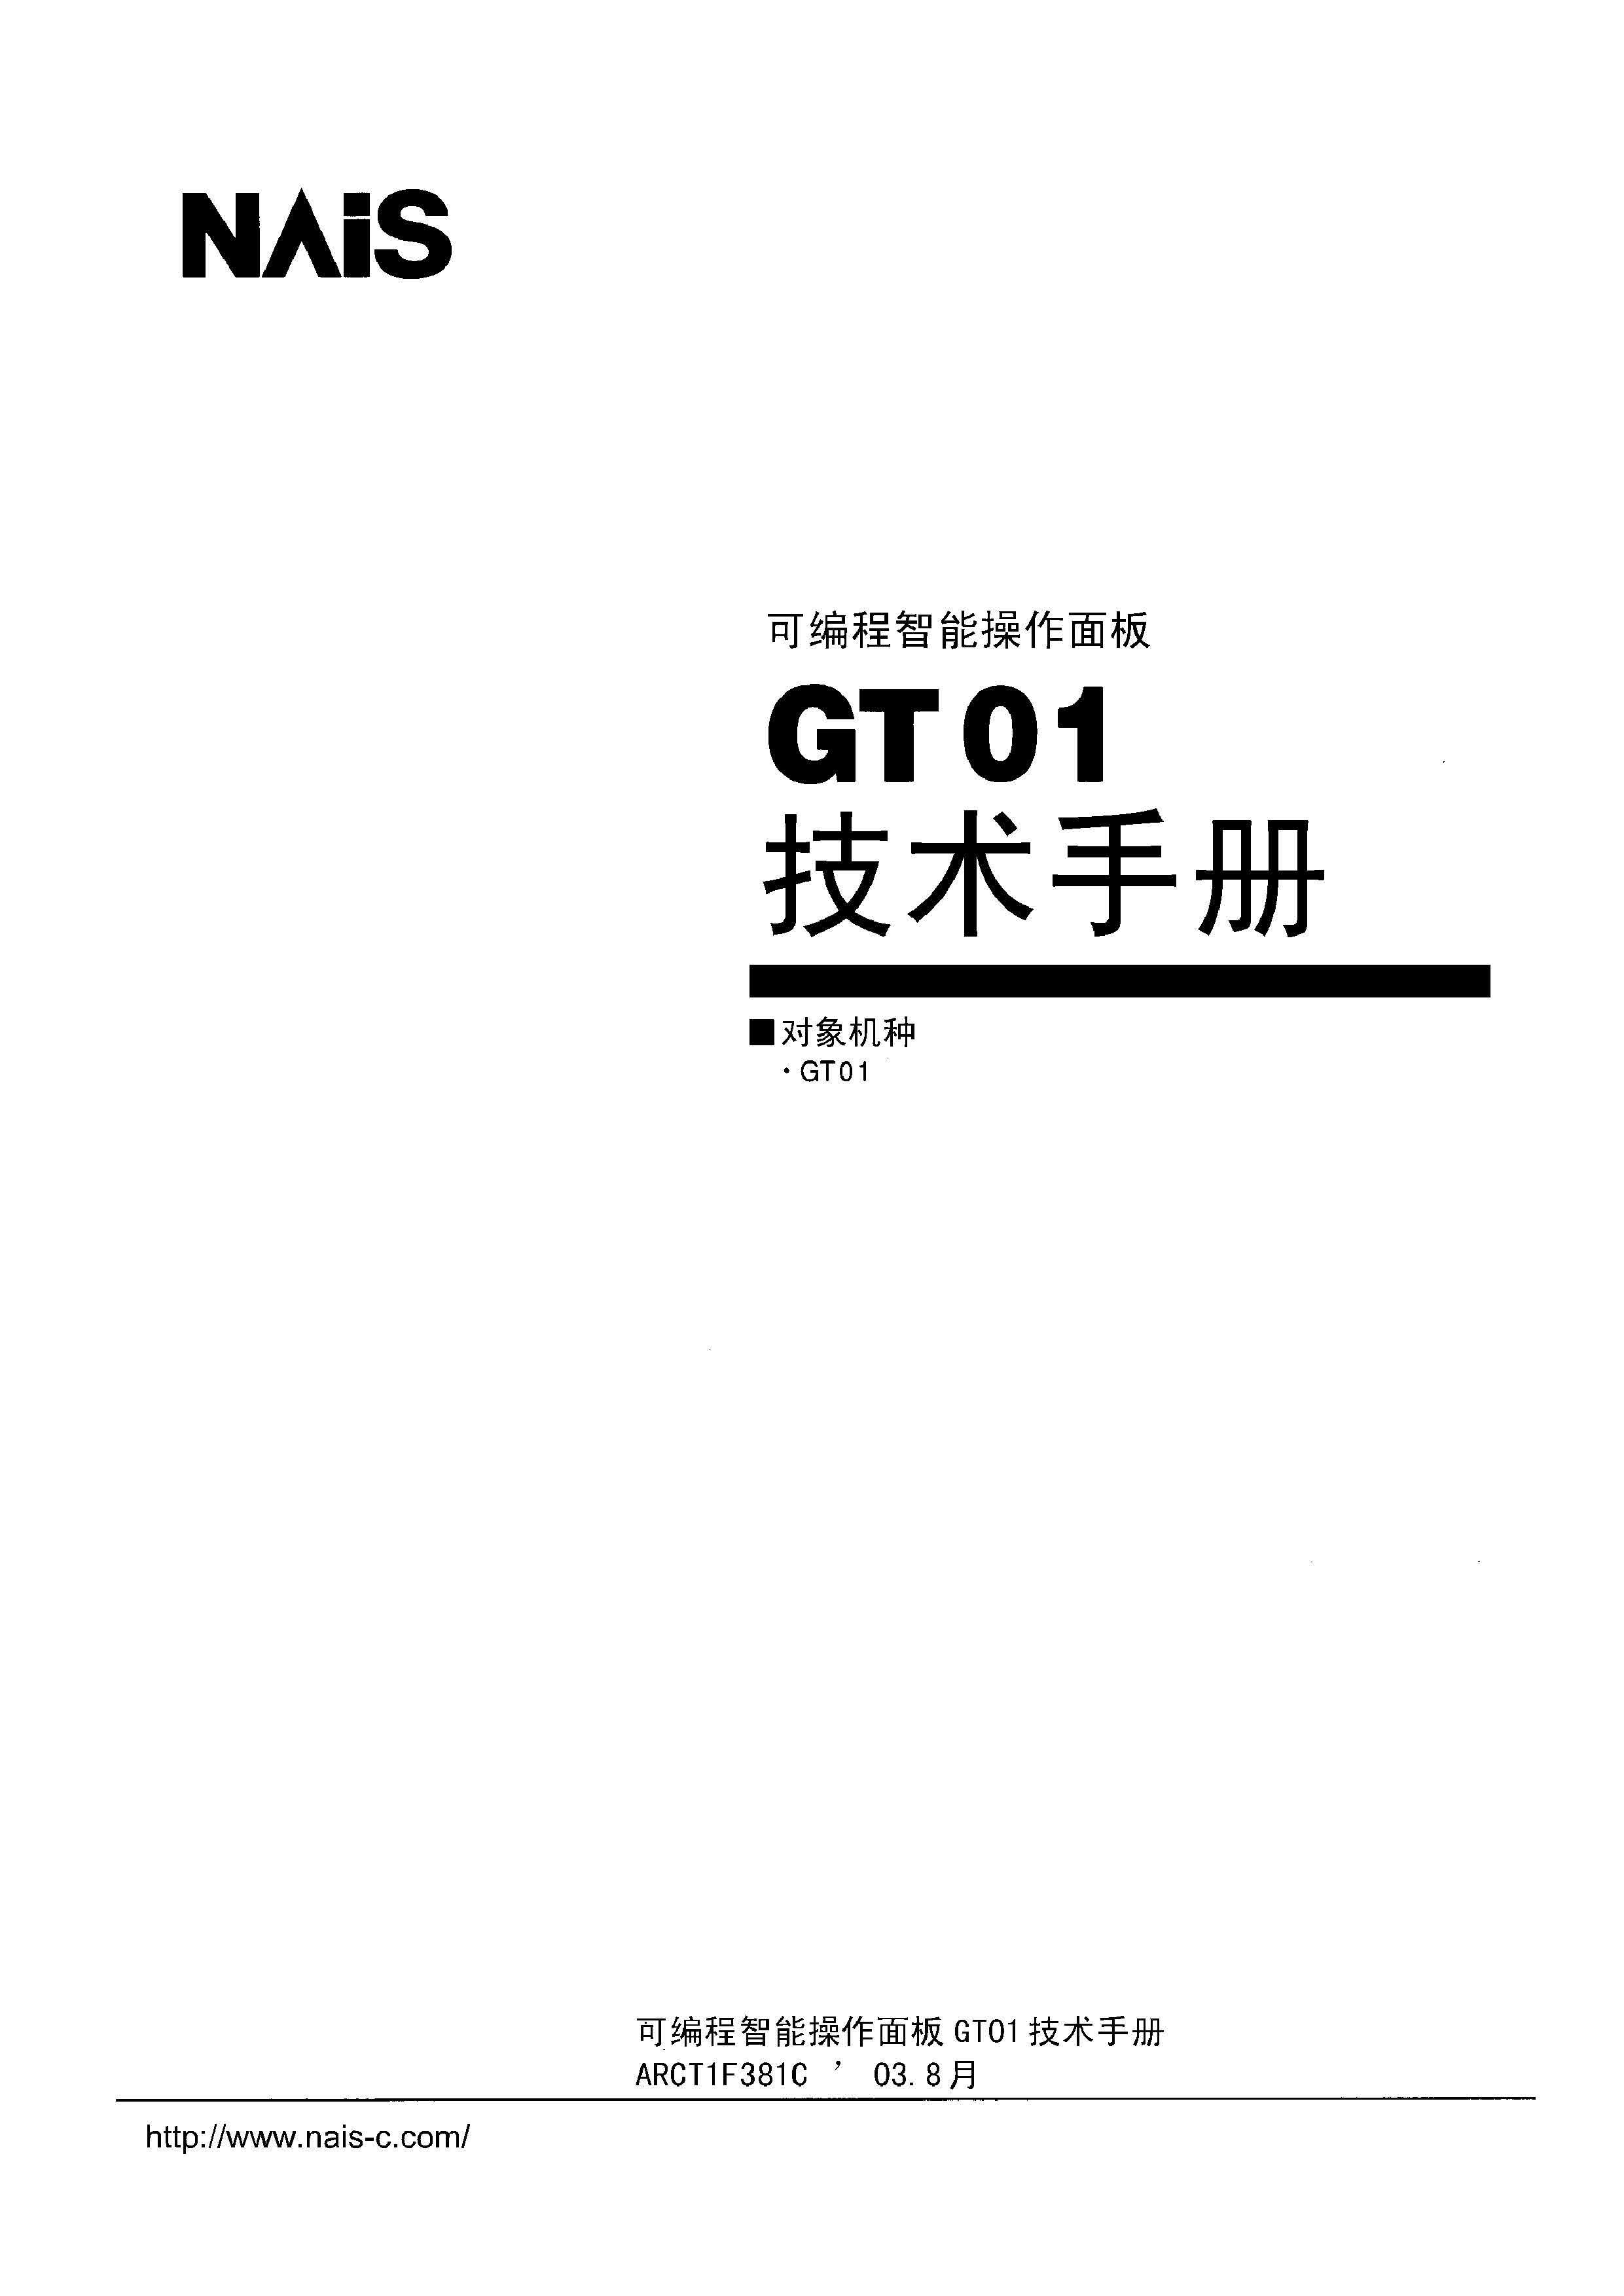 松下 GT01硬件手册